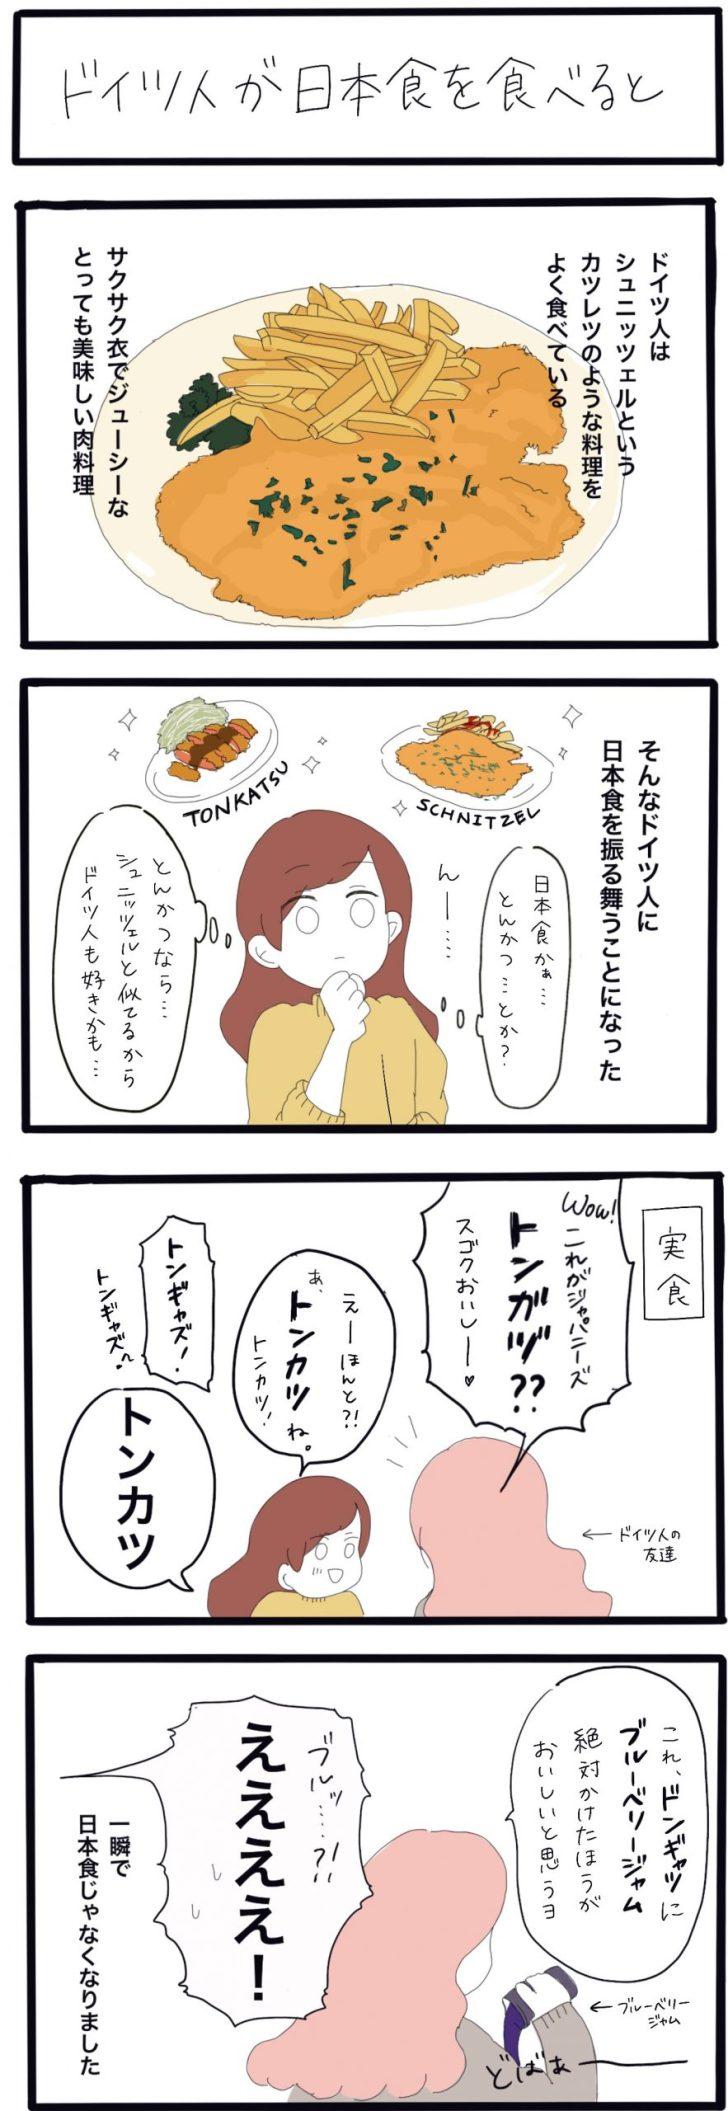 ドイツ人はシュ二ッツェルというカツレツのような料理をよくたべている。 サクサク衣でジューシーなとっても美味しい肉料理。 そんなドイツ人に日本食をふるまう事になった。 私:「日本食かー、とんかつ…とか?」 んー 私:「とんかつならシュ二ッツェルと似てるからドイツ人も好きかも...」 実食!! ドイツ人の友達:「Wow.これがジャパニーズトンガヅ??スゴクおいしー♡」 私:「えーほんと?!あ、とんかつね。とんかつ!」 ドイツ人の友達:「トンギャズ!」 私:「とんかつ」 ドイツ人の友達:「これ、ドンギャツにブルーベリージャム絶対かけた方がおいしいと思うヨ」 ブルーベリージャム、どばば~~ 私:「ブルッ?!ええええええええ!」 一瞬で日本食じゃなくなりました。